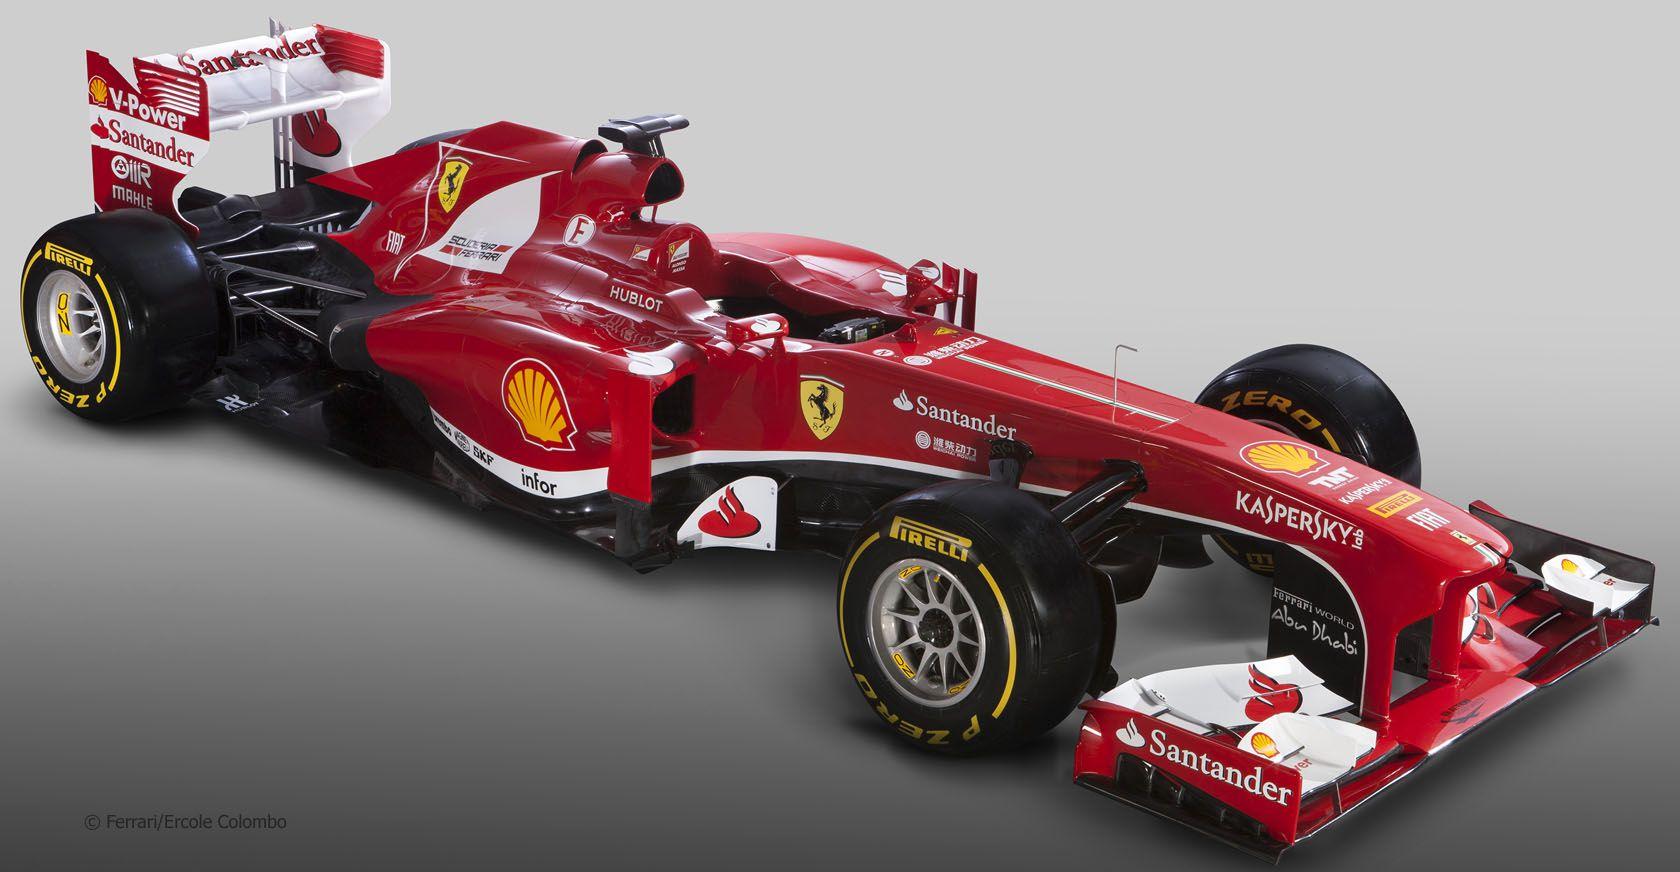 Ferrari: fabricante de coches superdeportivos con sede en Maranello, Italia.